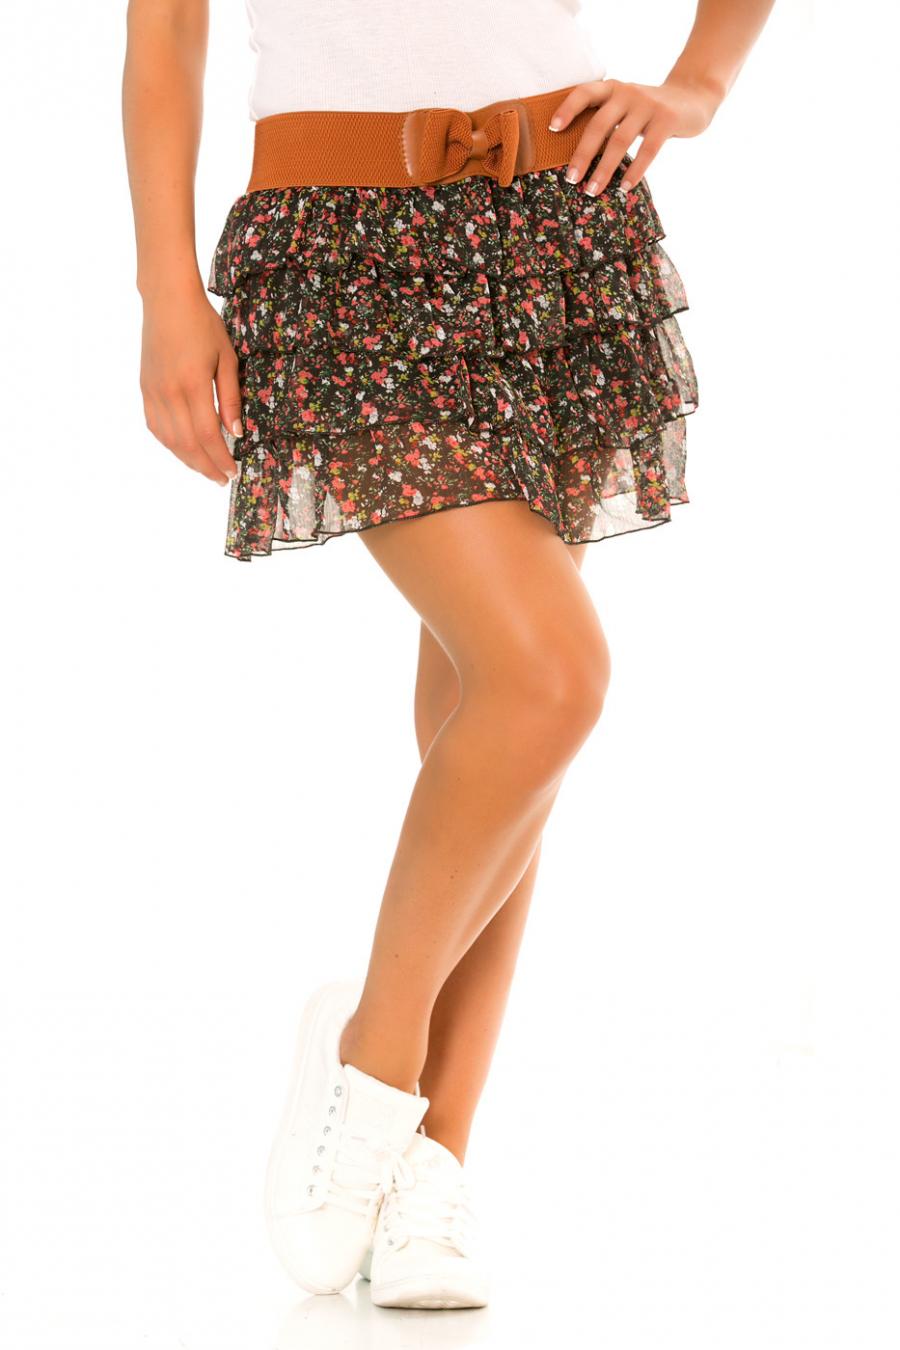 Mini jupe en voilage Noir à motif fleurs Rouge ceinture élastique - 920